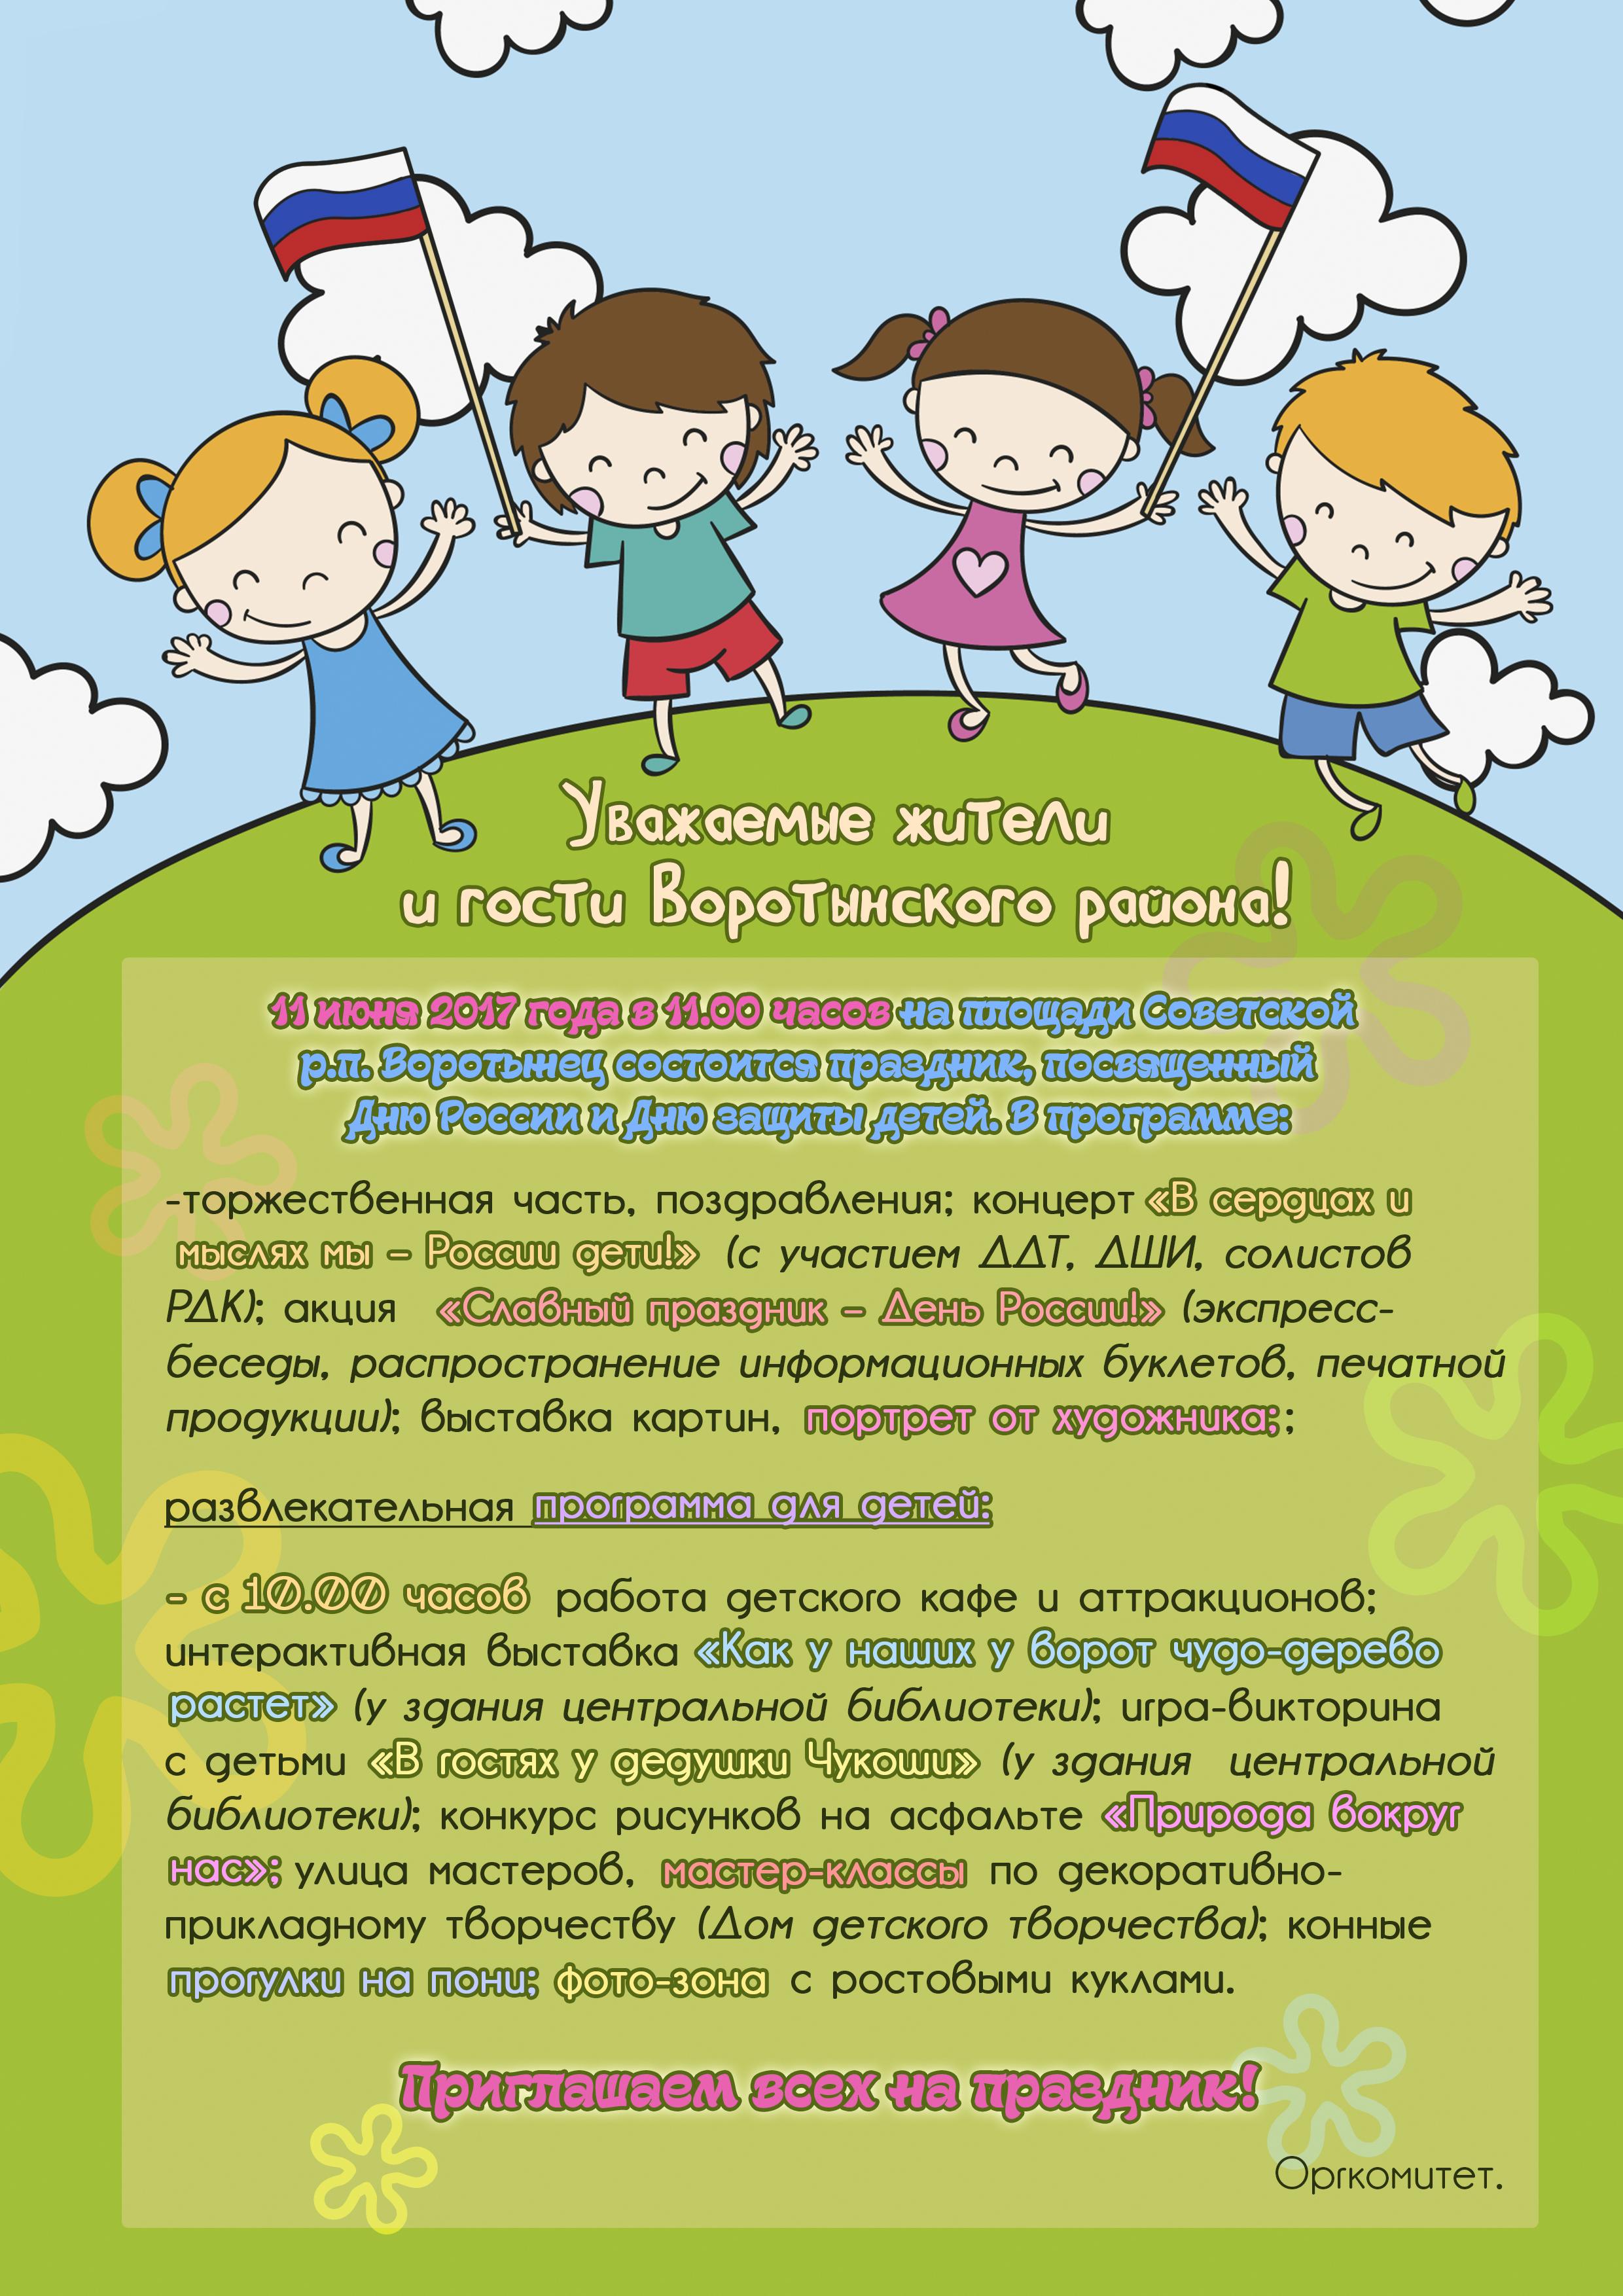 Программа празднования Дня России и Дня защиты детей